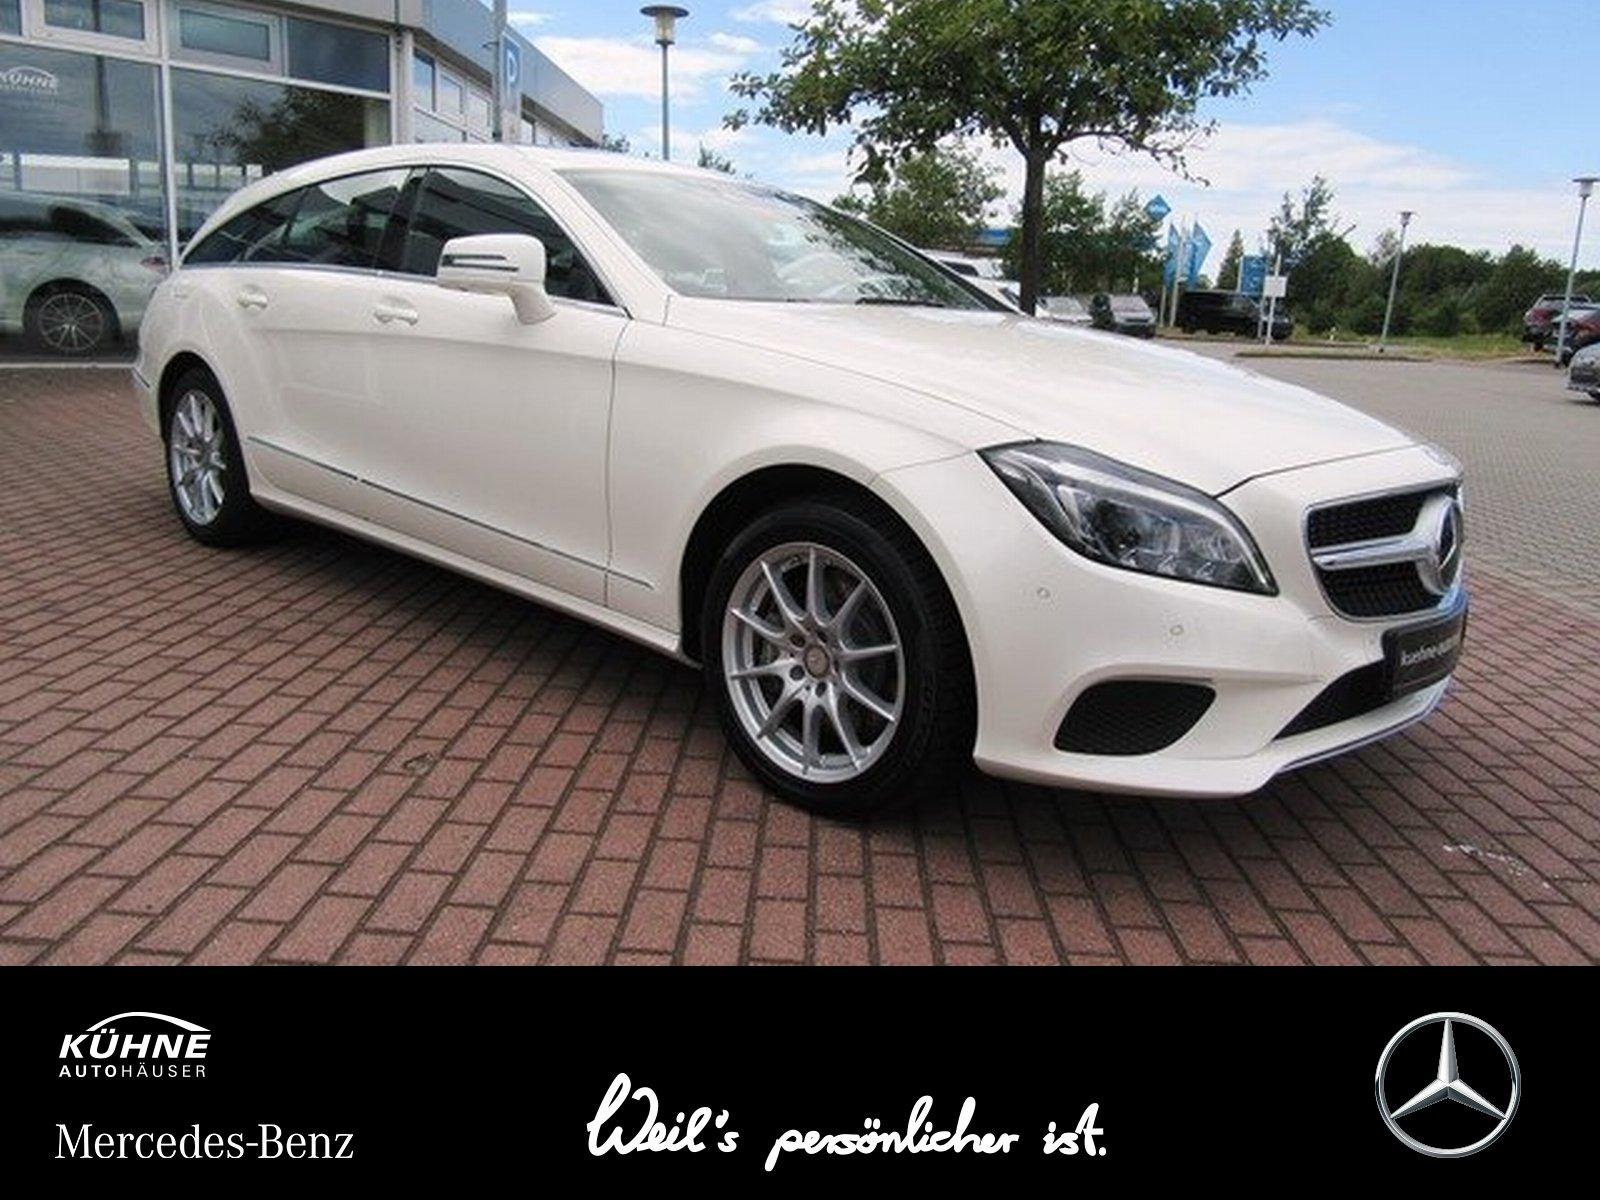 Mercedes-Benz CLS 350 SB d 4Matic/EU6/Sportpaket/Standheizung, Jahr 2015, Diesel